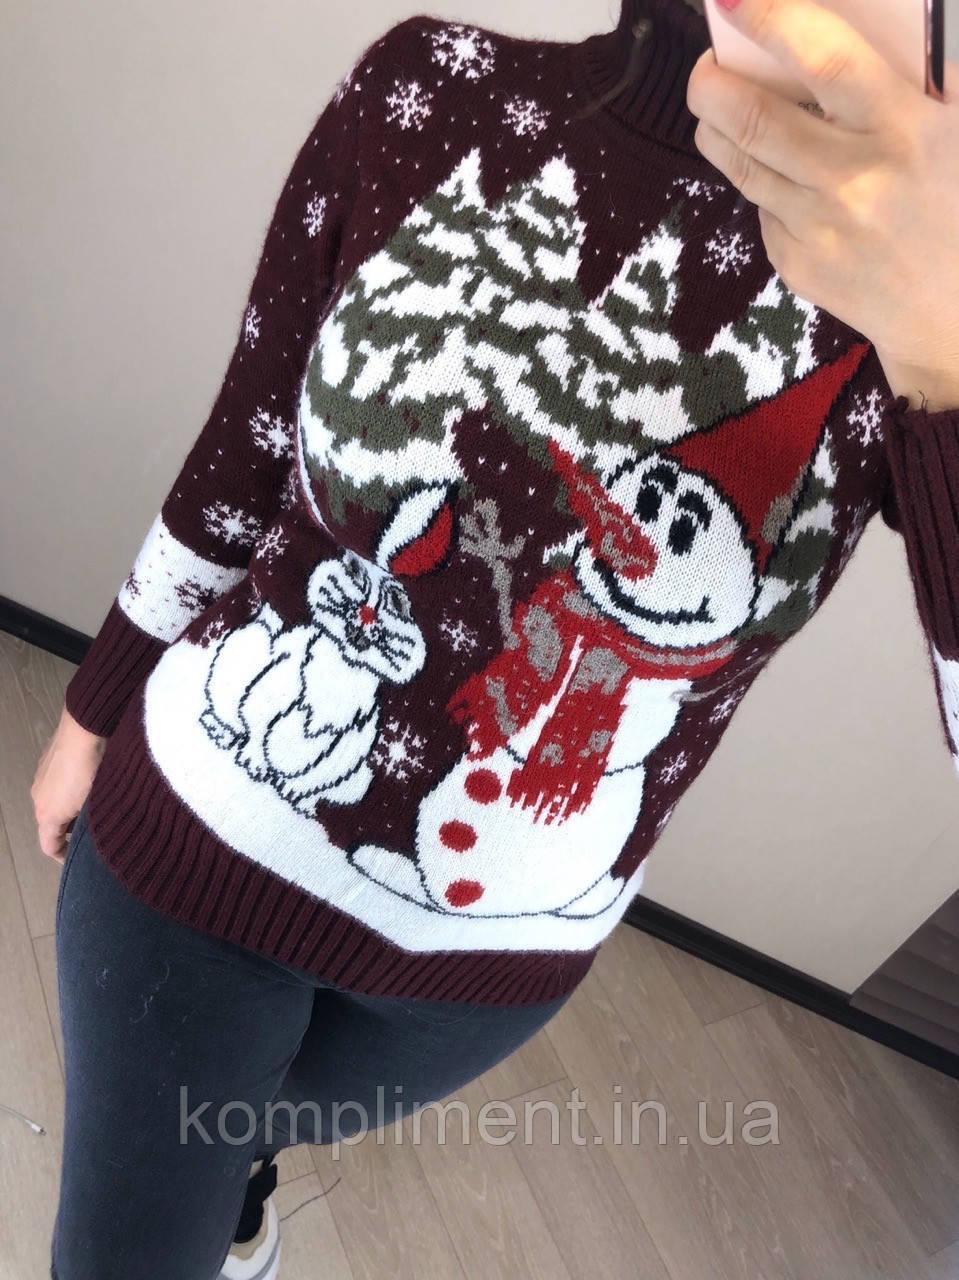 Вовняний турецький в'язаний светр з малюнком сніговик, бордовий